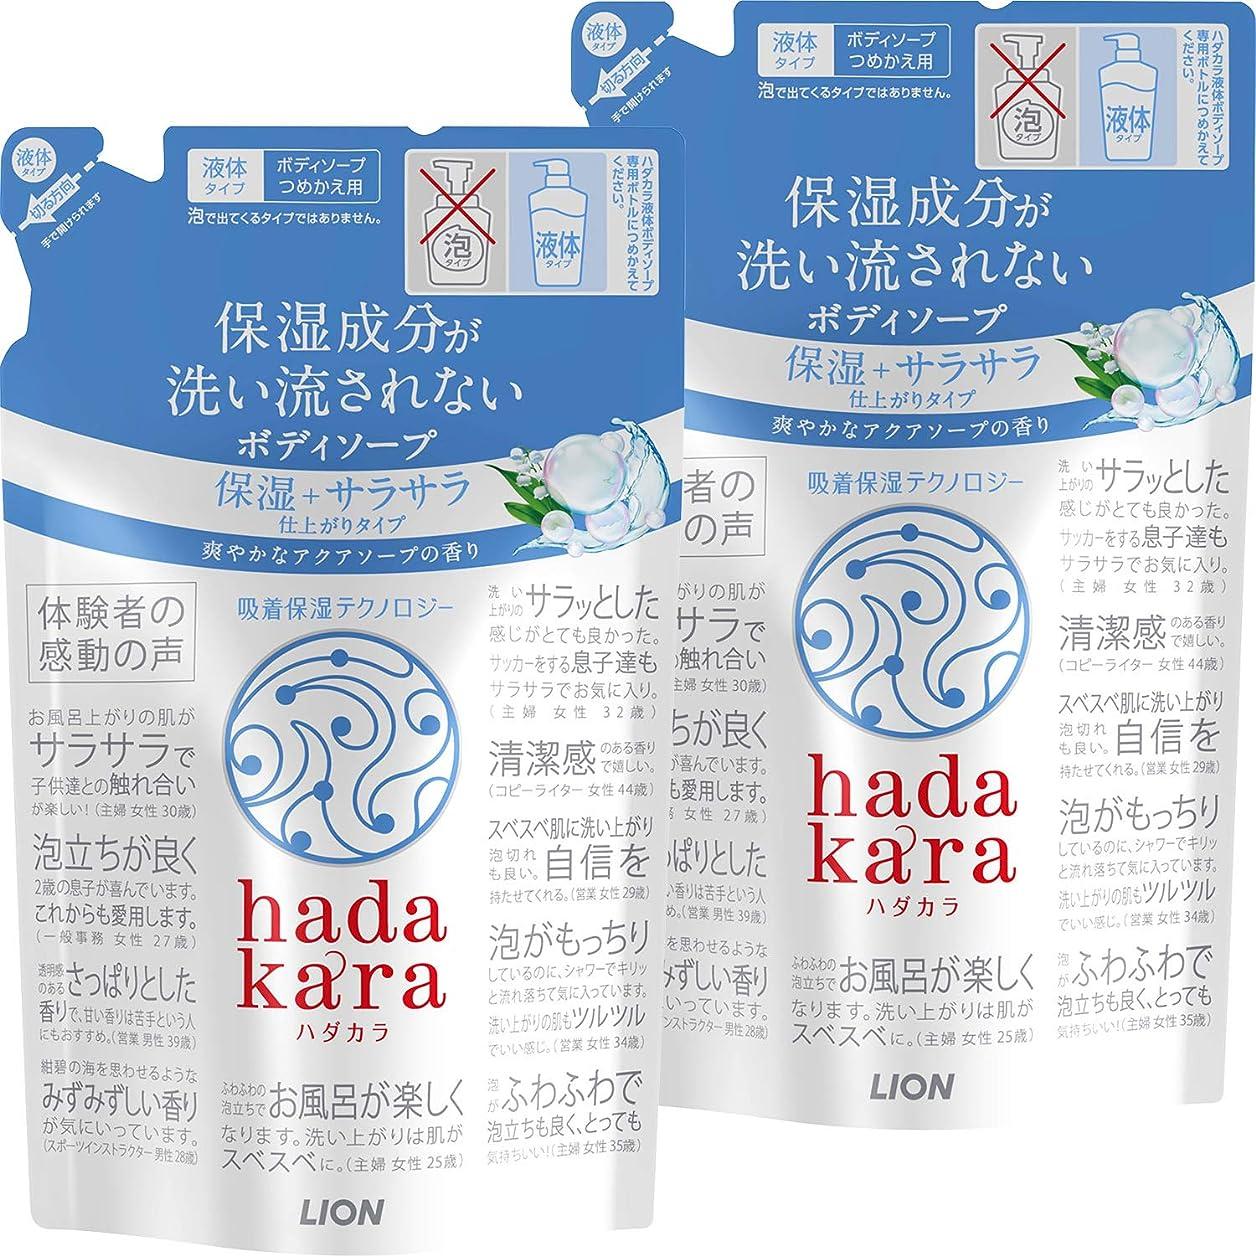 名詞ドーム麻痺させるhadakara(ハダカラ)ボディソープ 保湿+サラサラ仕上がりタイプ アクアソープの香り つめかえ用 340ml×2個パック